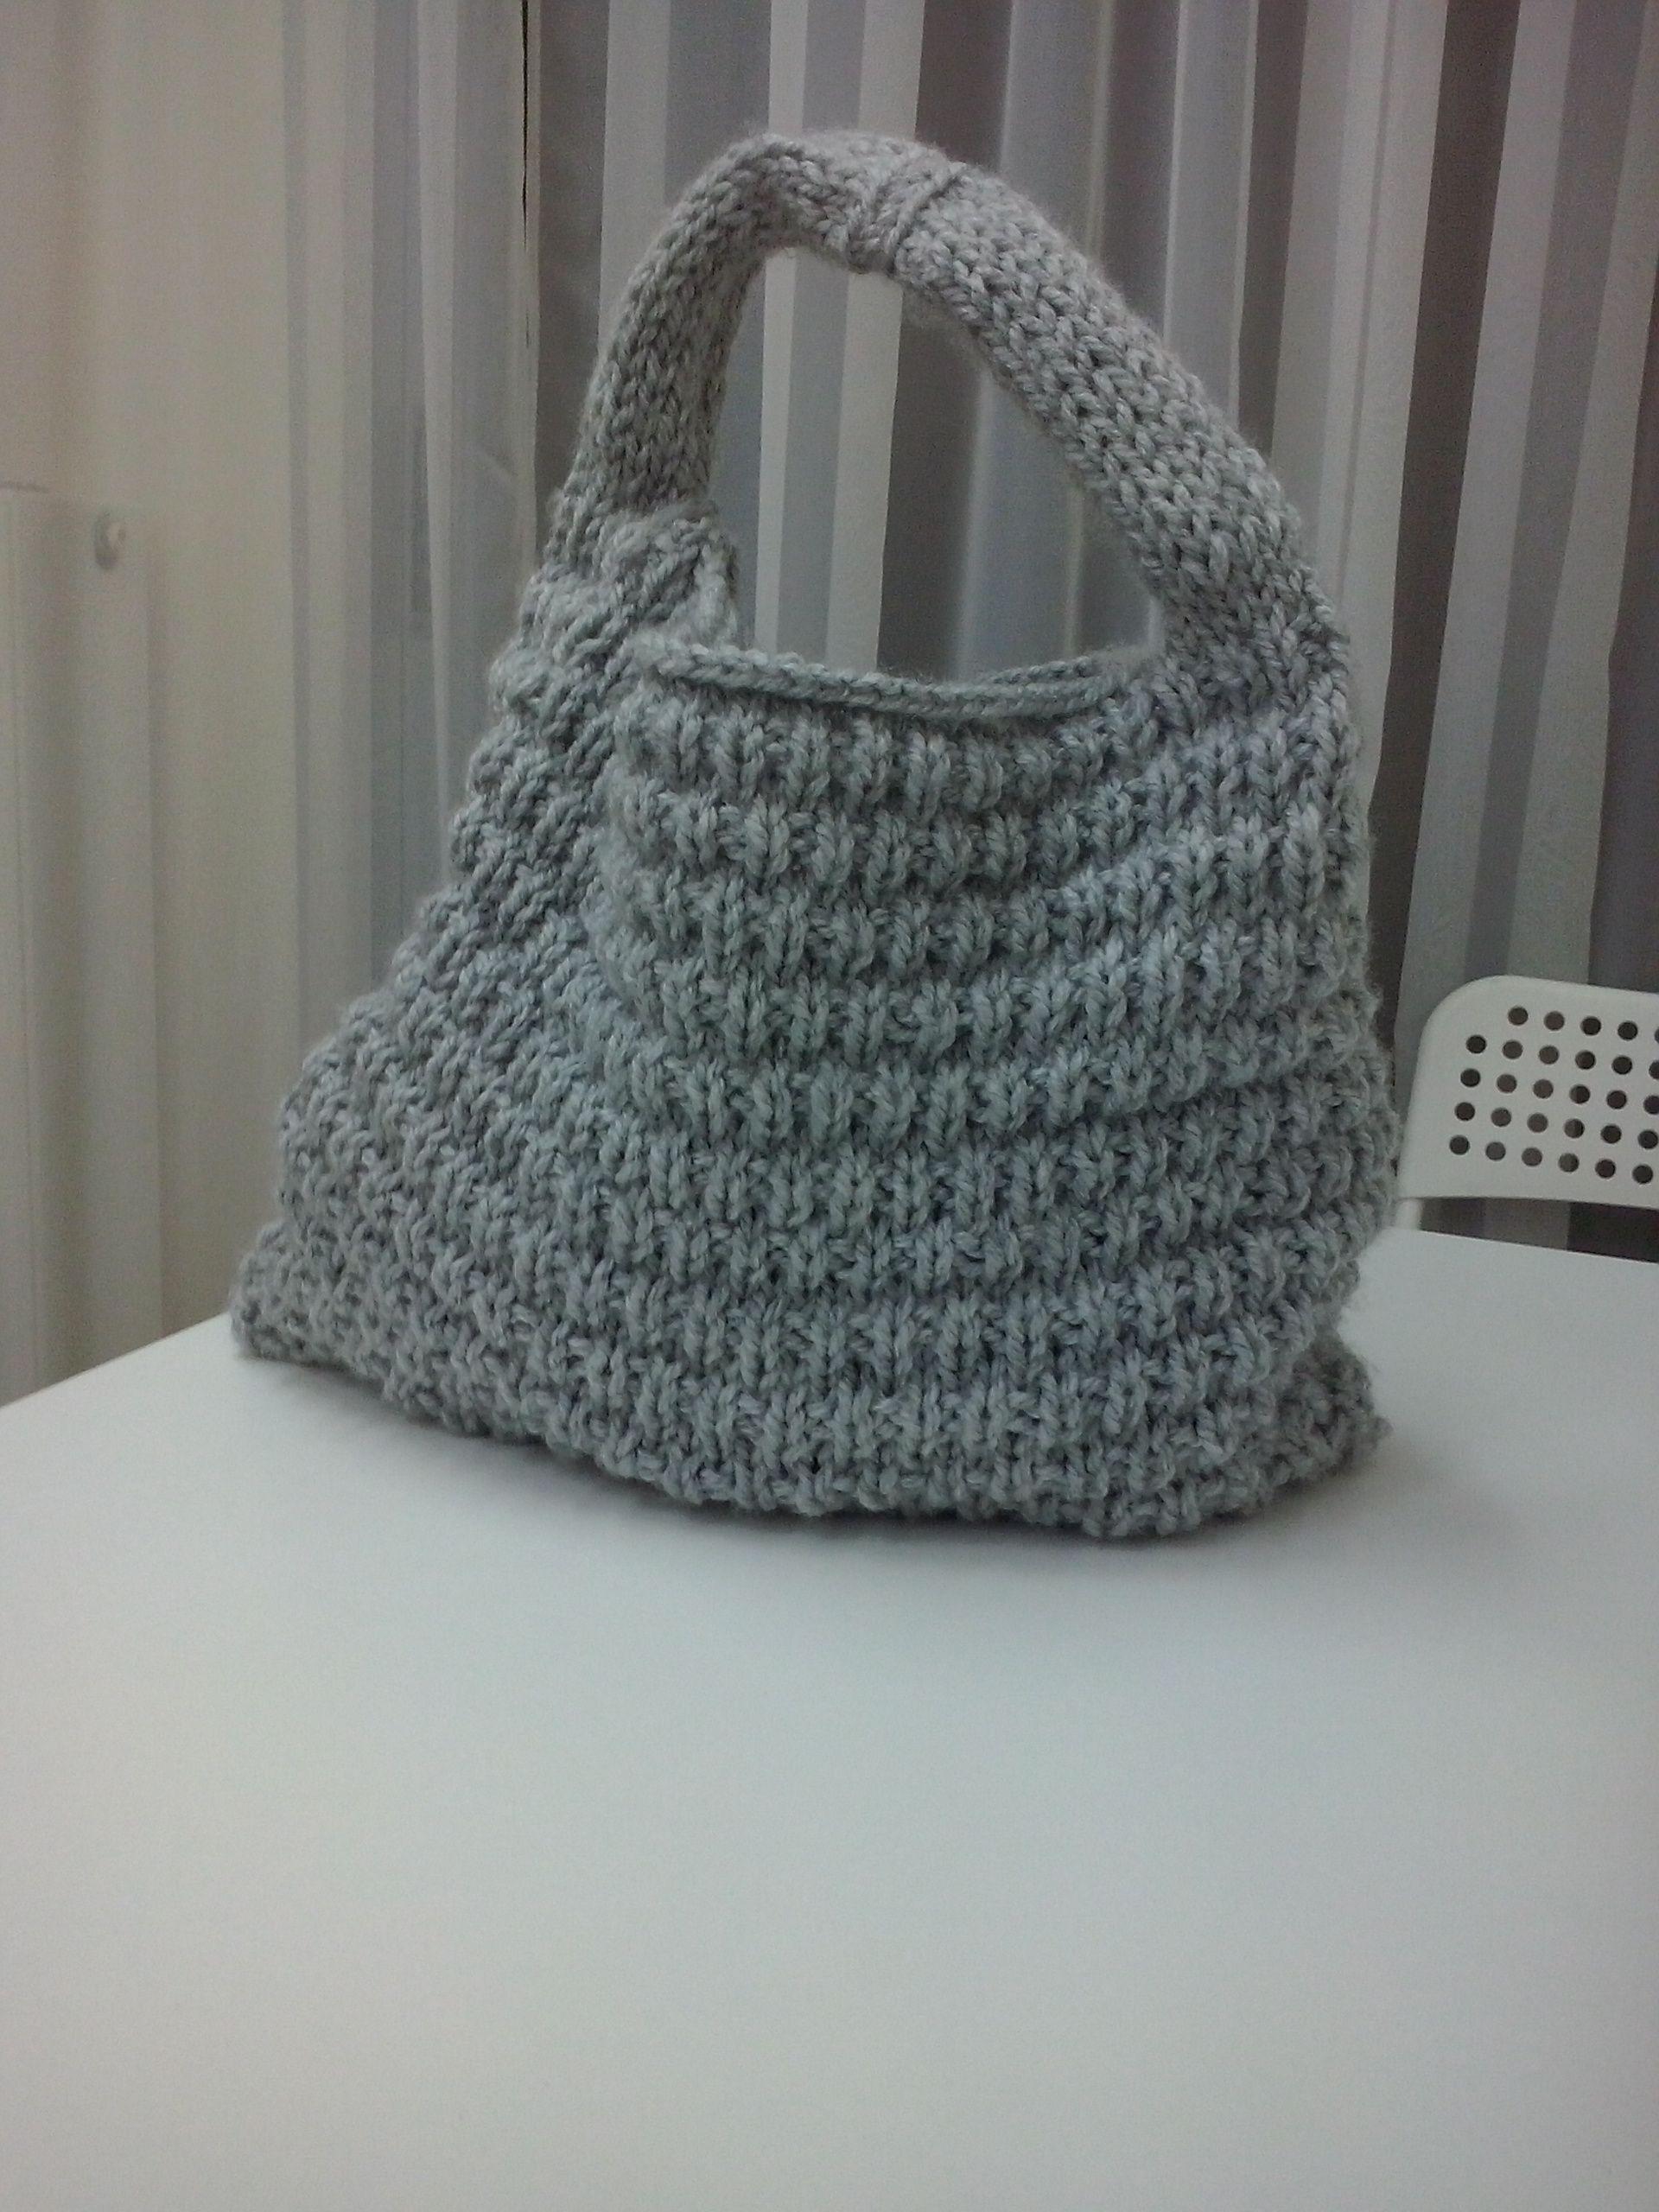 d01afb0278 Υπέροχη τσάντα πλεκτή της Κ πλεγμένη με κυκλικές βελόνες.Σεμινάριο Πλέξιμο  με Βελόνες Γ΄